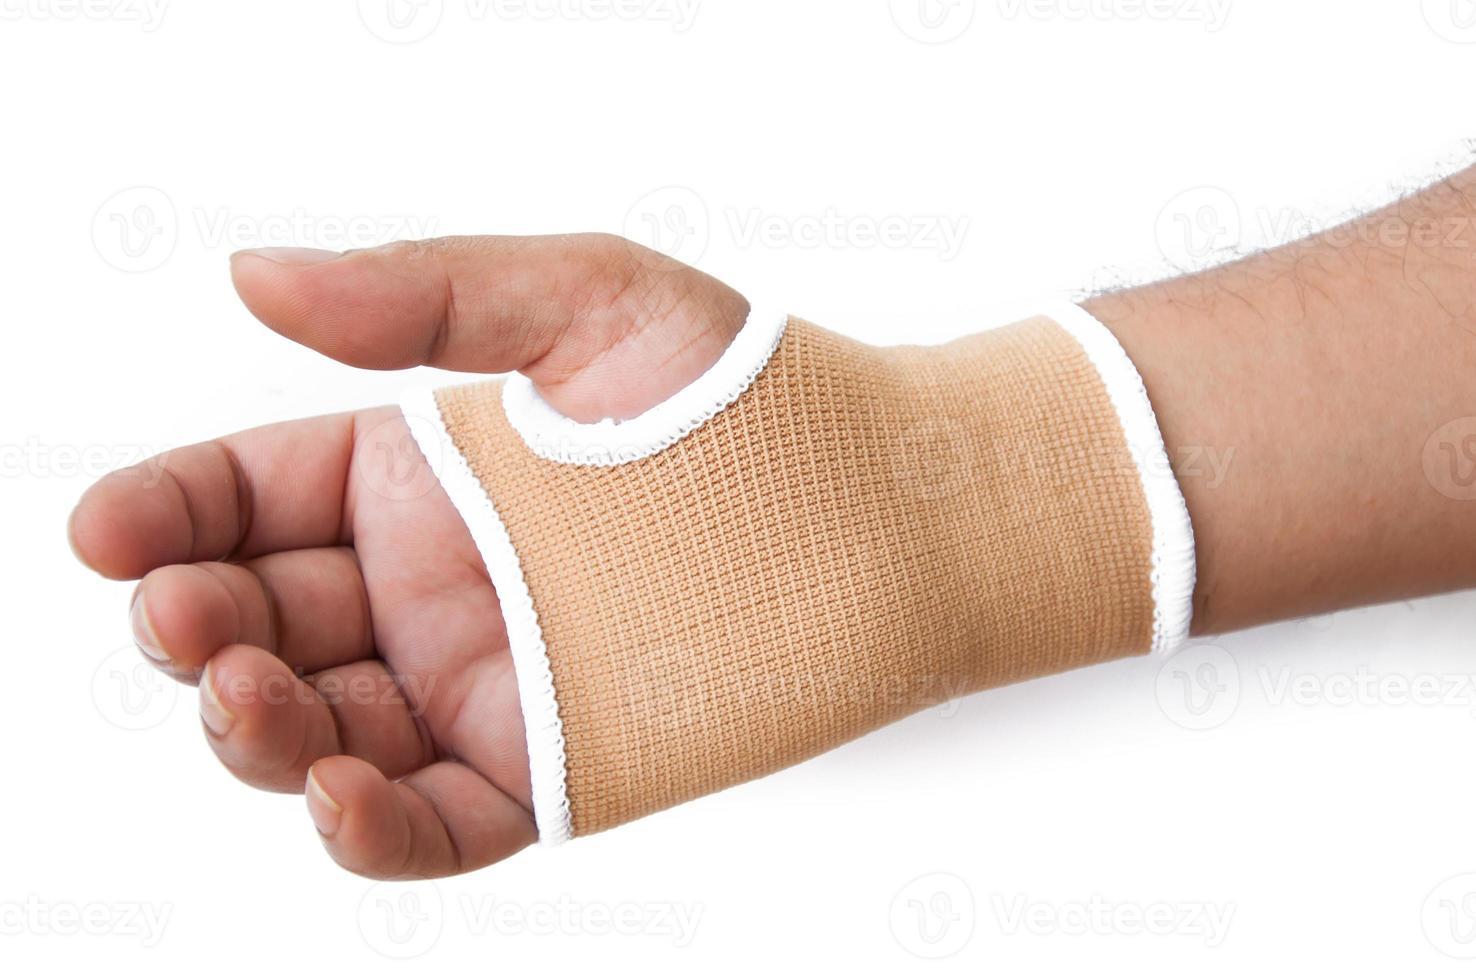 mâle, gestes main, porter, néoprène, poignet, appui, blanc photo